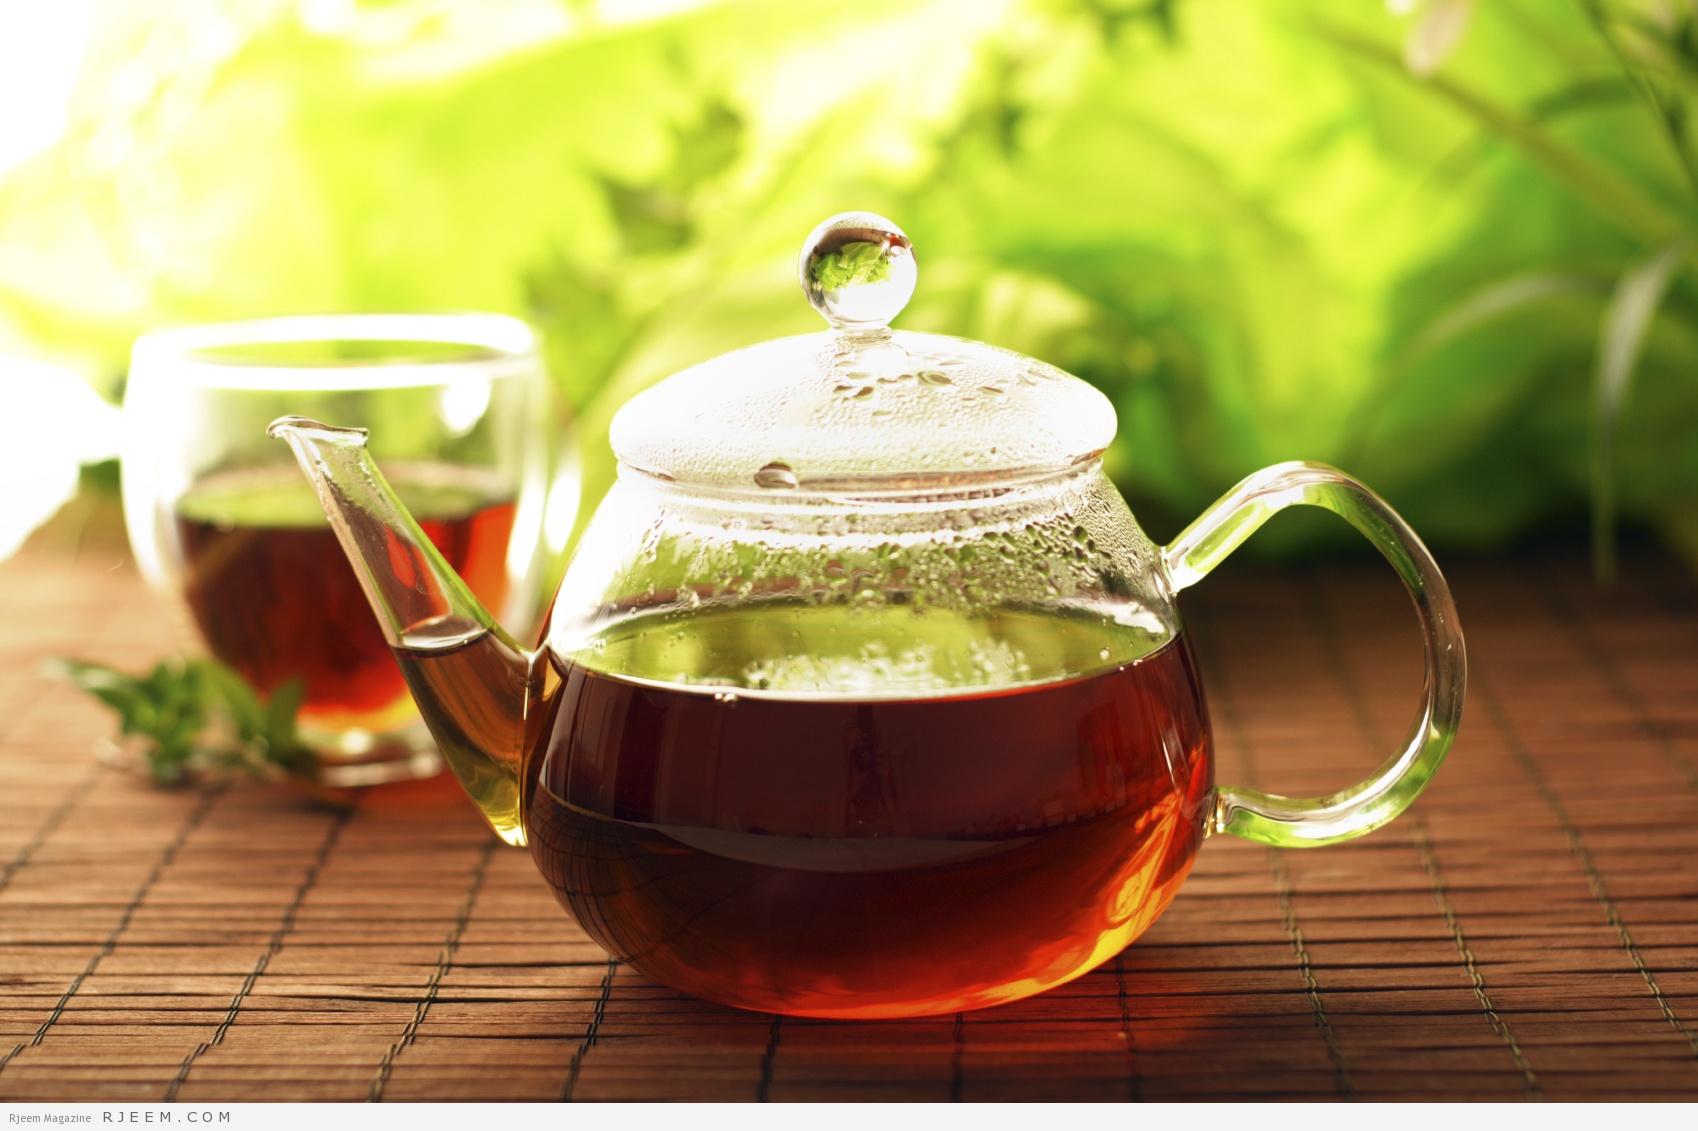 Photo of حمام الشاي الأخضر والزنجبيل للقضاء على دهون الجسم قبل الشتاء